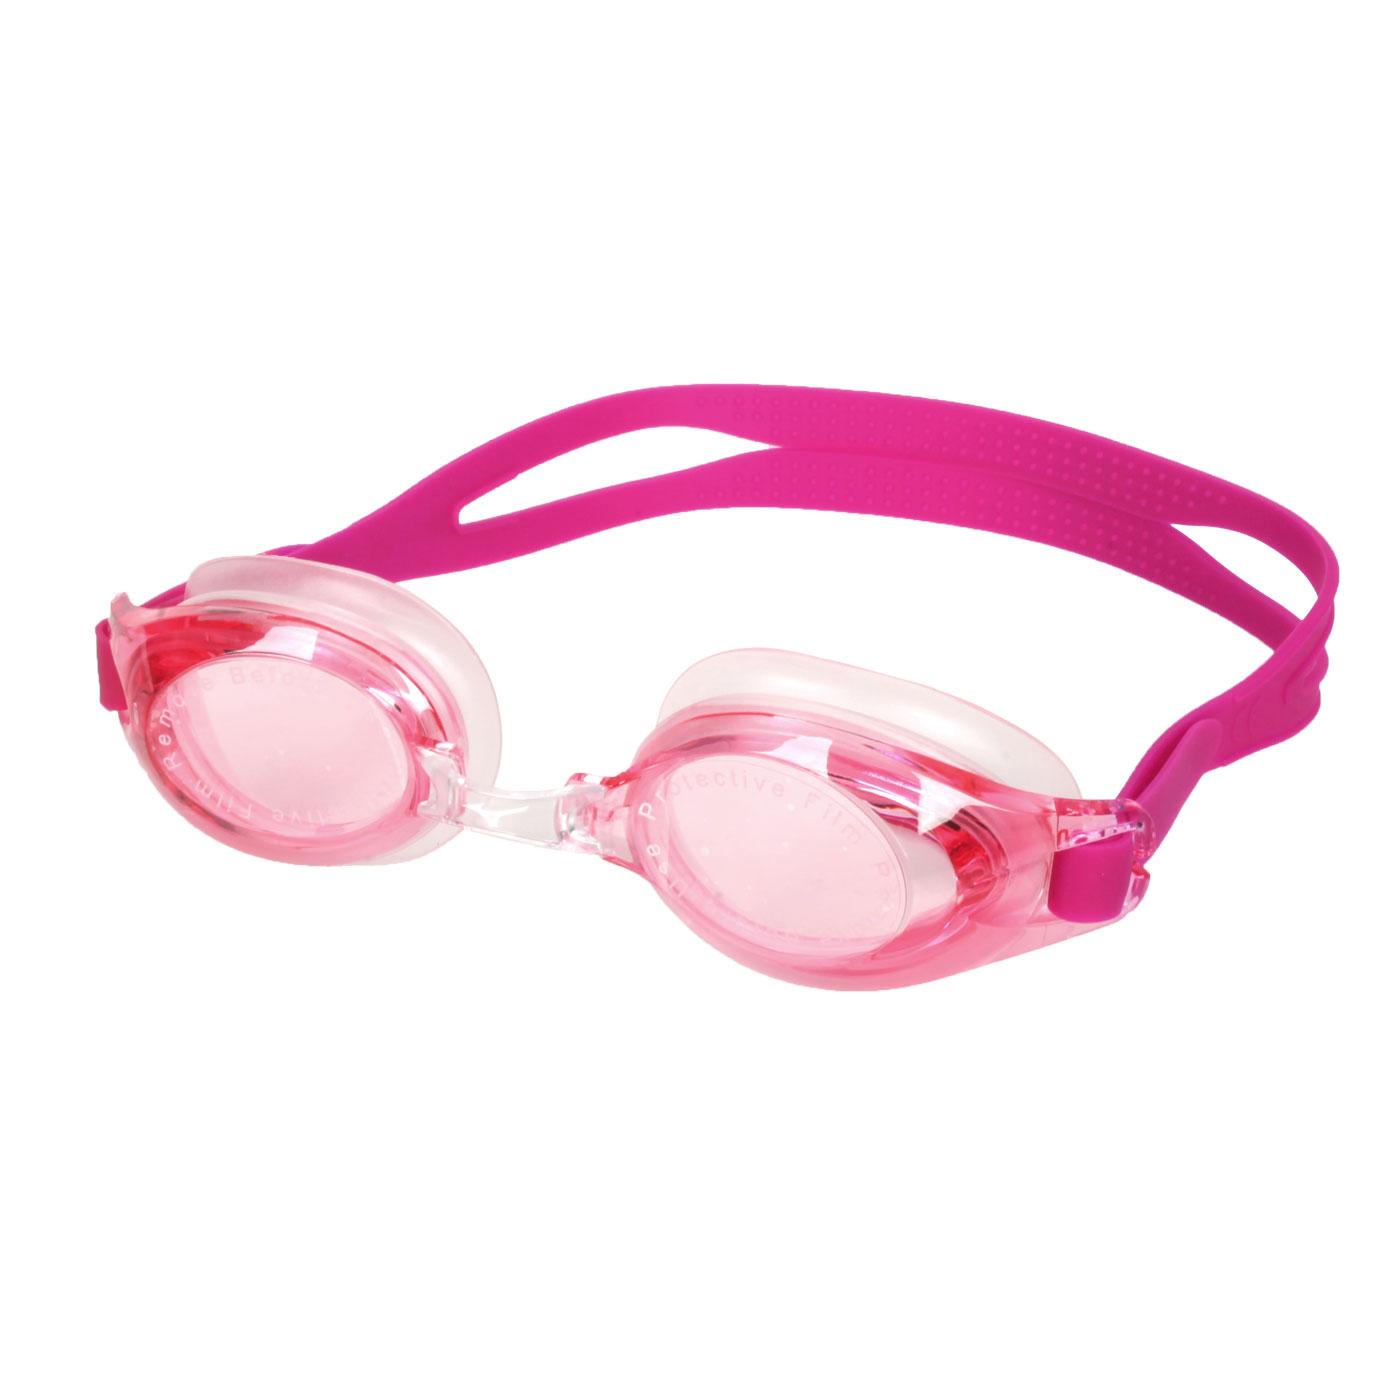 MIZUNO 泳鏡  SWIMN3TE702000-63 - 深紫紅